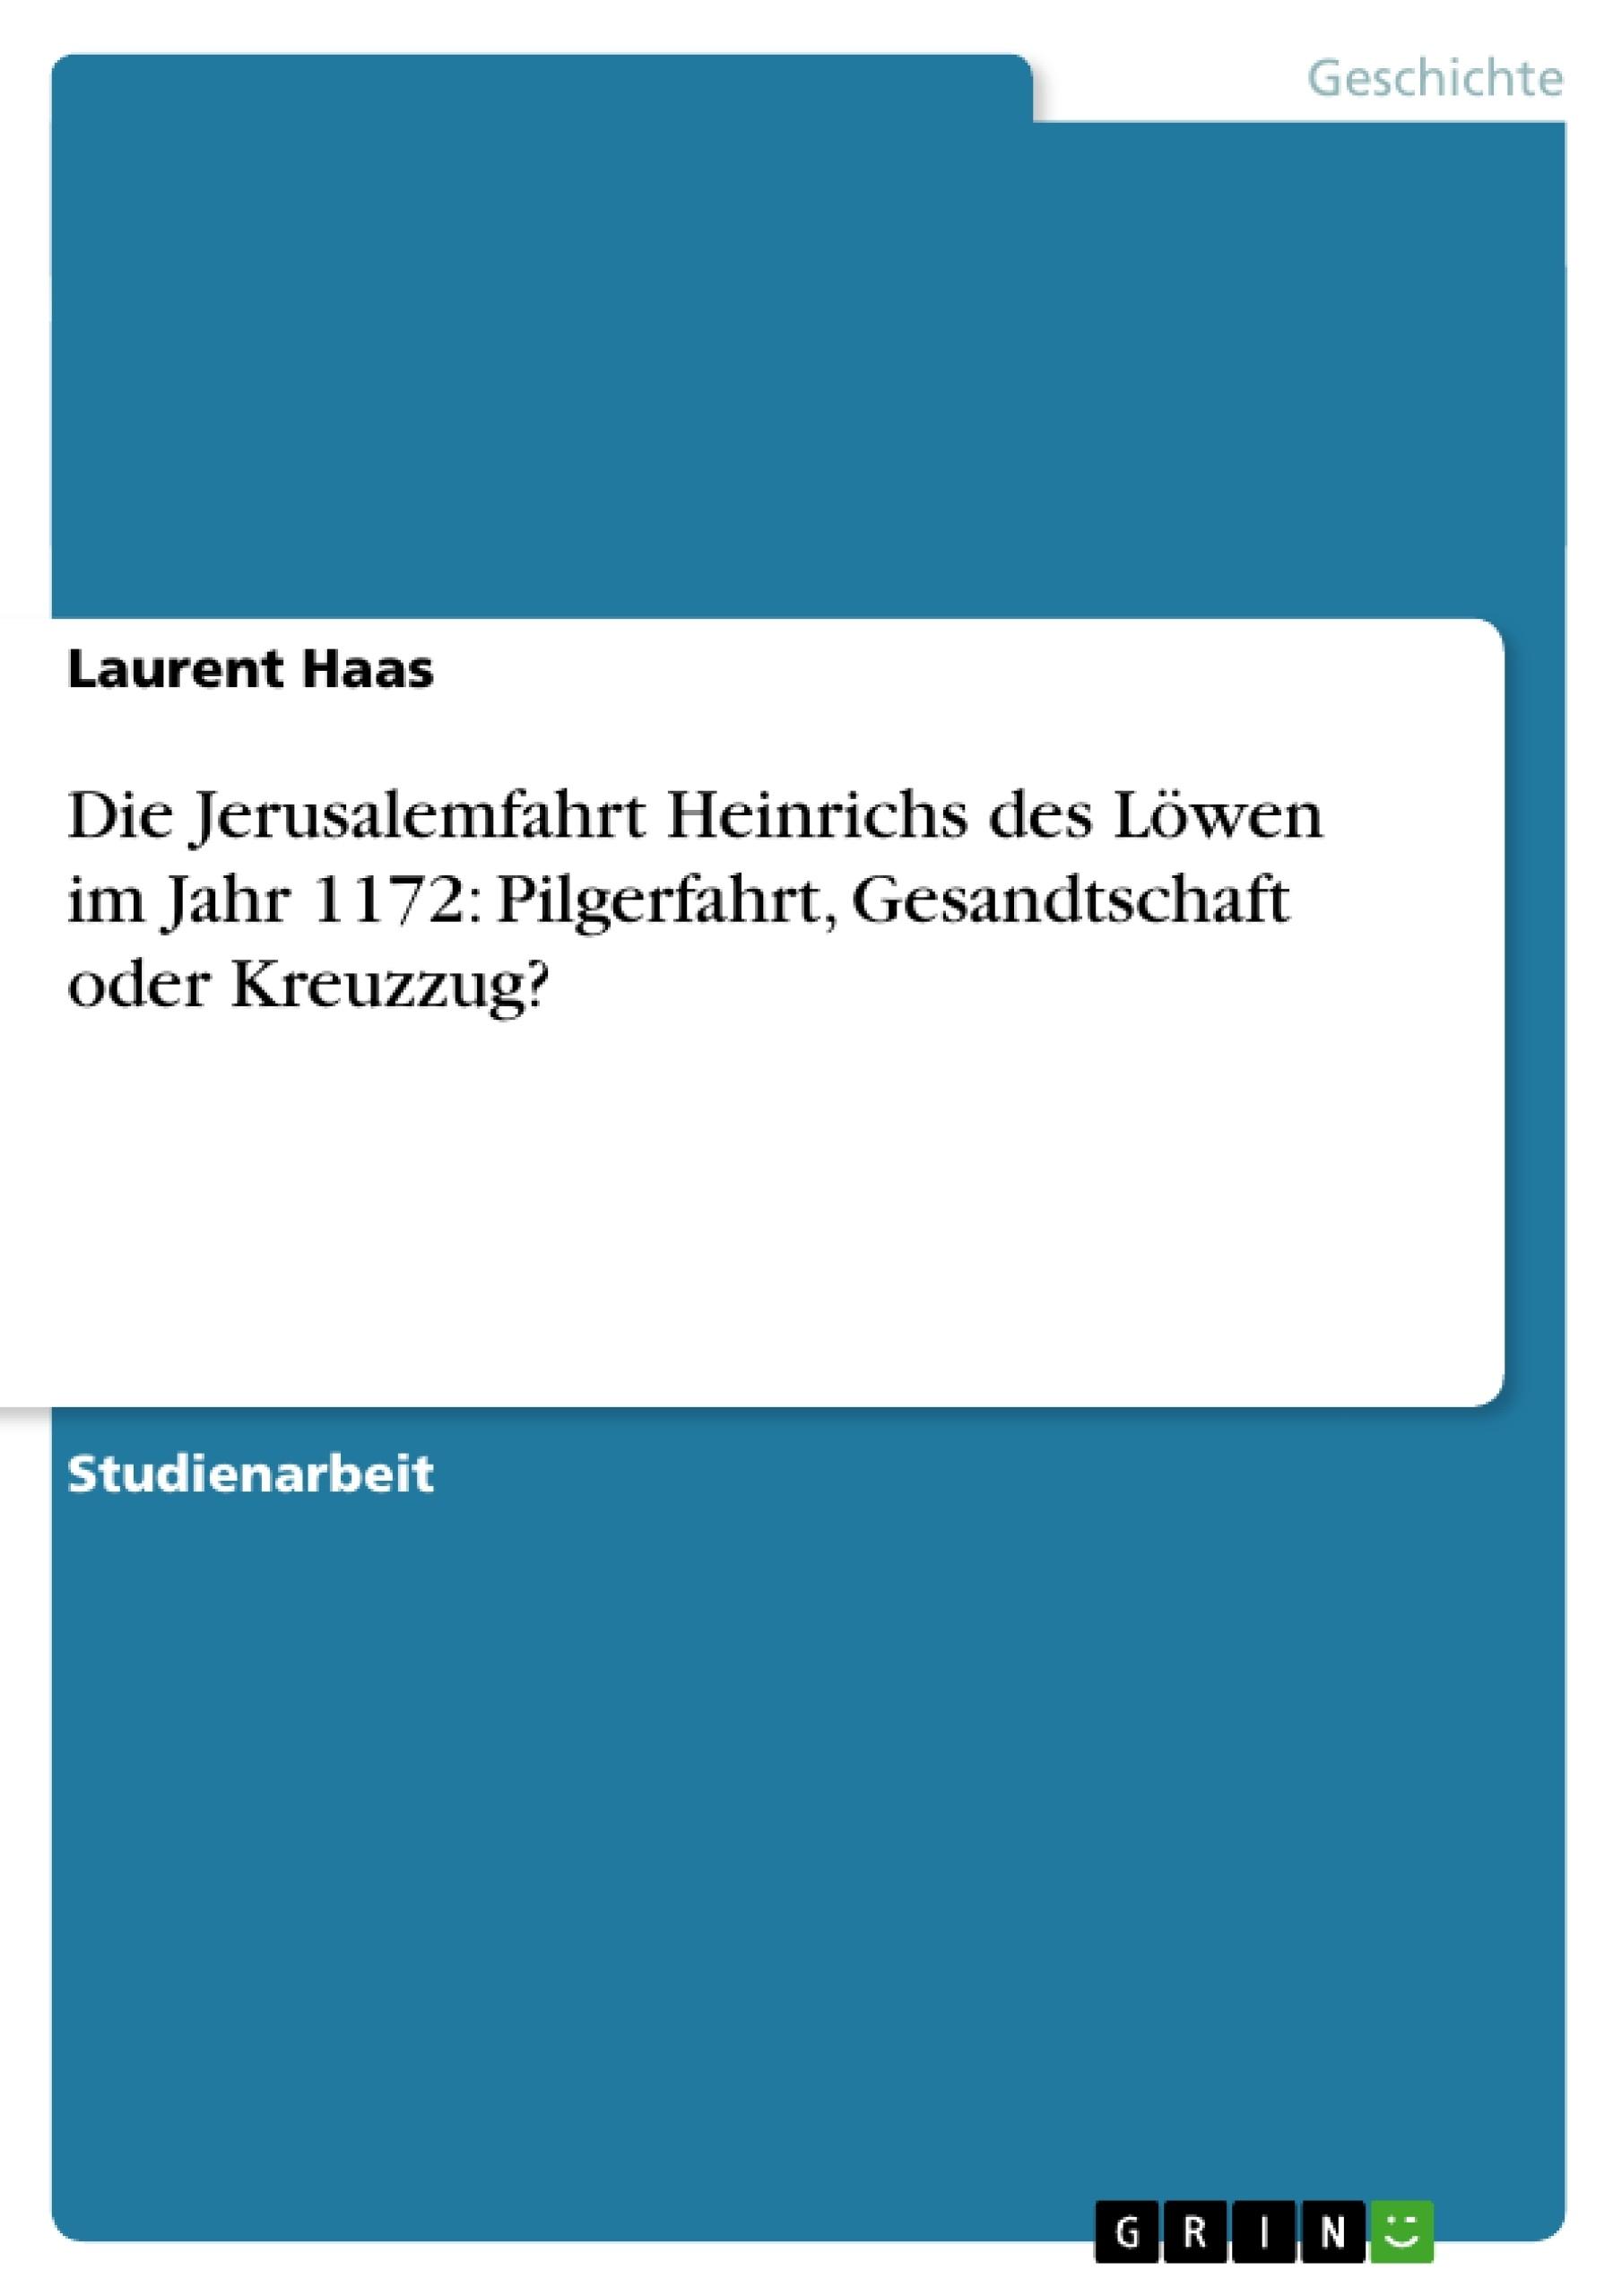 Titel: Die Jerusalemfahrt Heinrichs des Löwen im Jahr 1172: Pilgerfahrt, Gesandtschaft oder Kreuzzug?